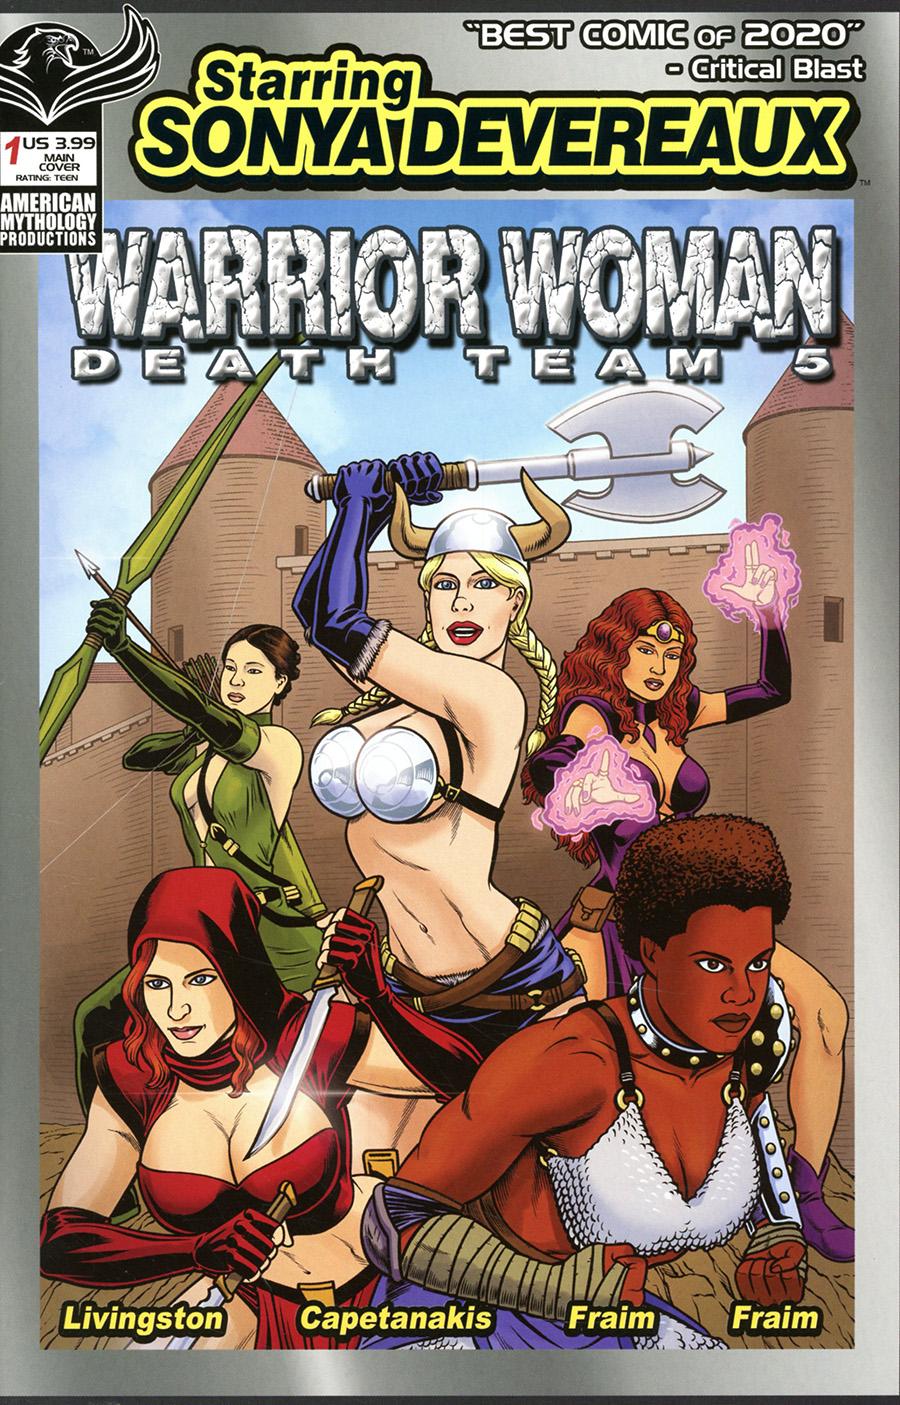 Starring Sonya Devereaux Warrior Women Death Team 5 #1 (One Shot) Cover A Regular Brendon Fraim & Brian Fraim Cover